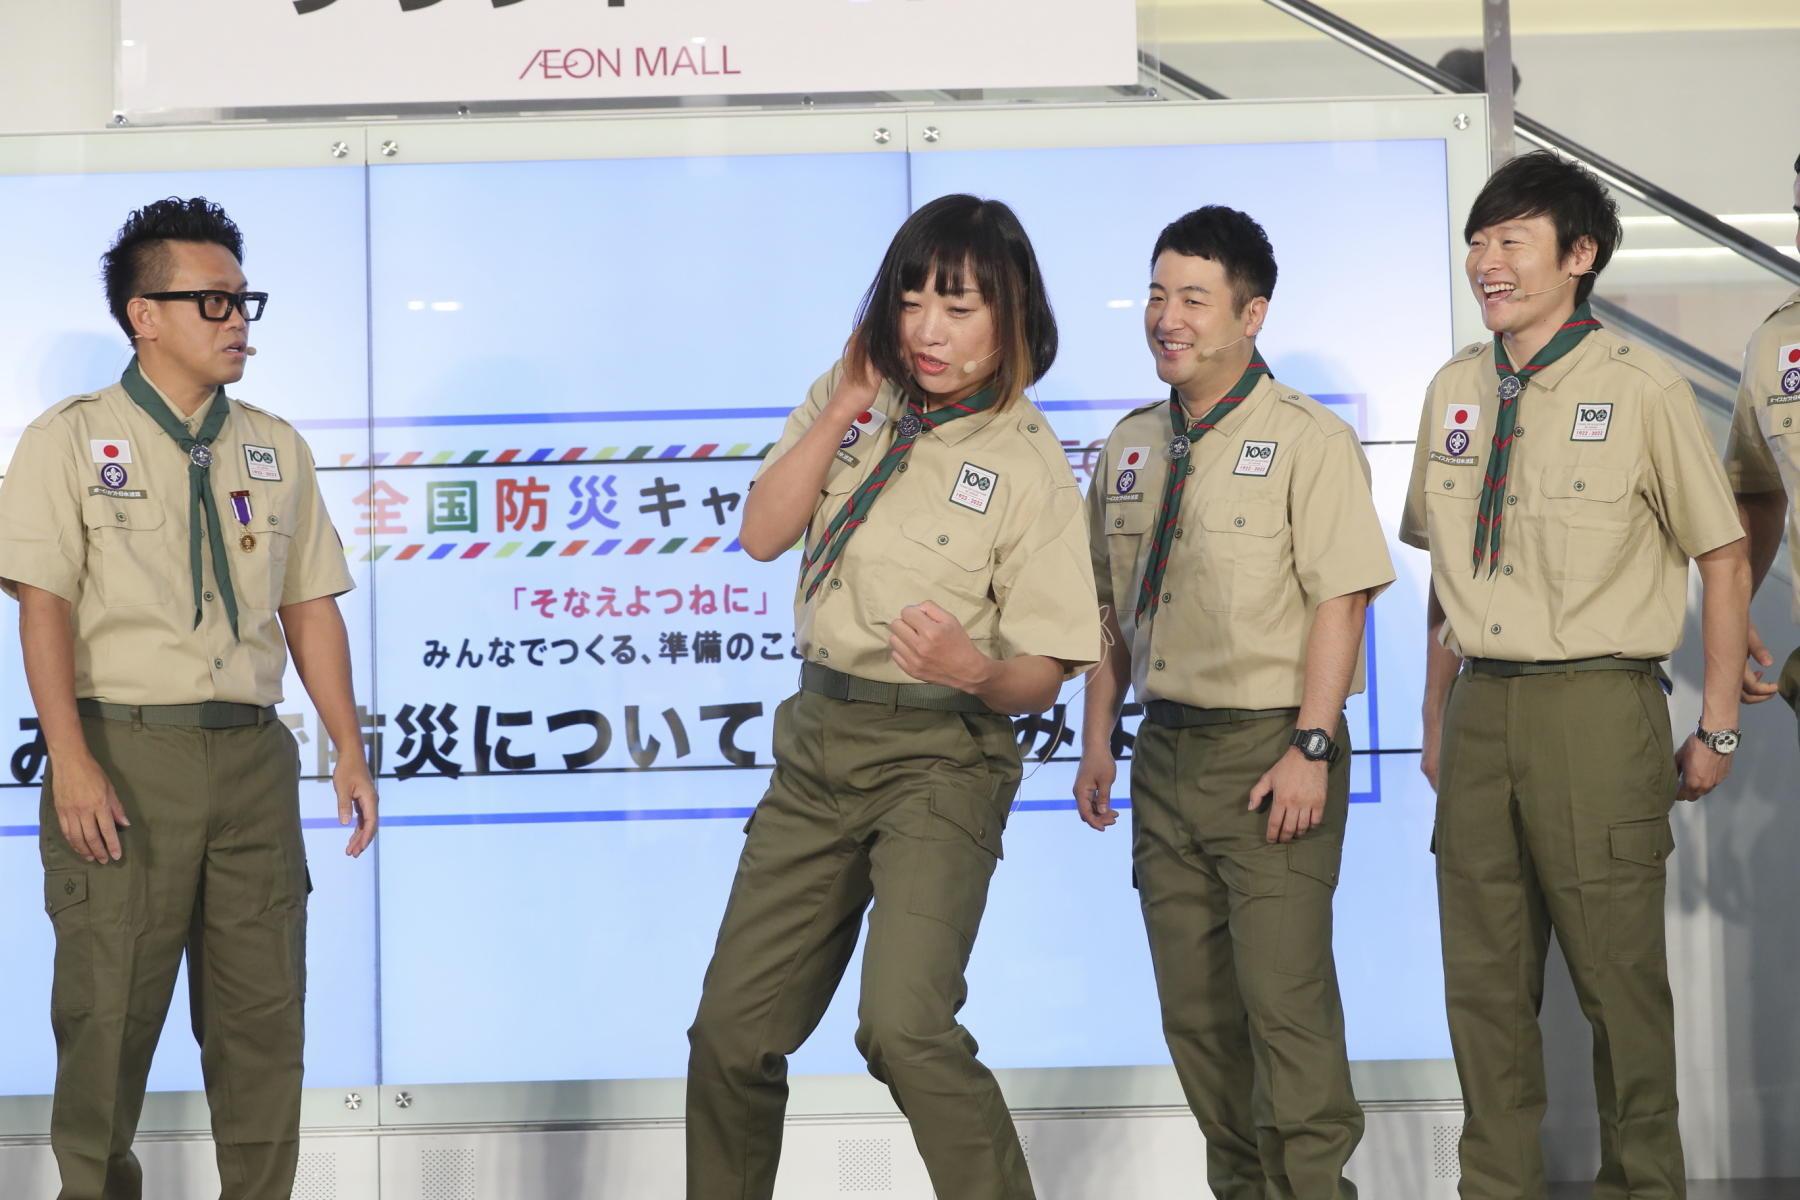 http://news.yoshimoto.co.jp/20180830174222-97634b62db9d444ca42db21af632e89a4d73663f.jpg